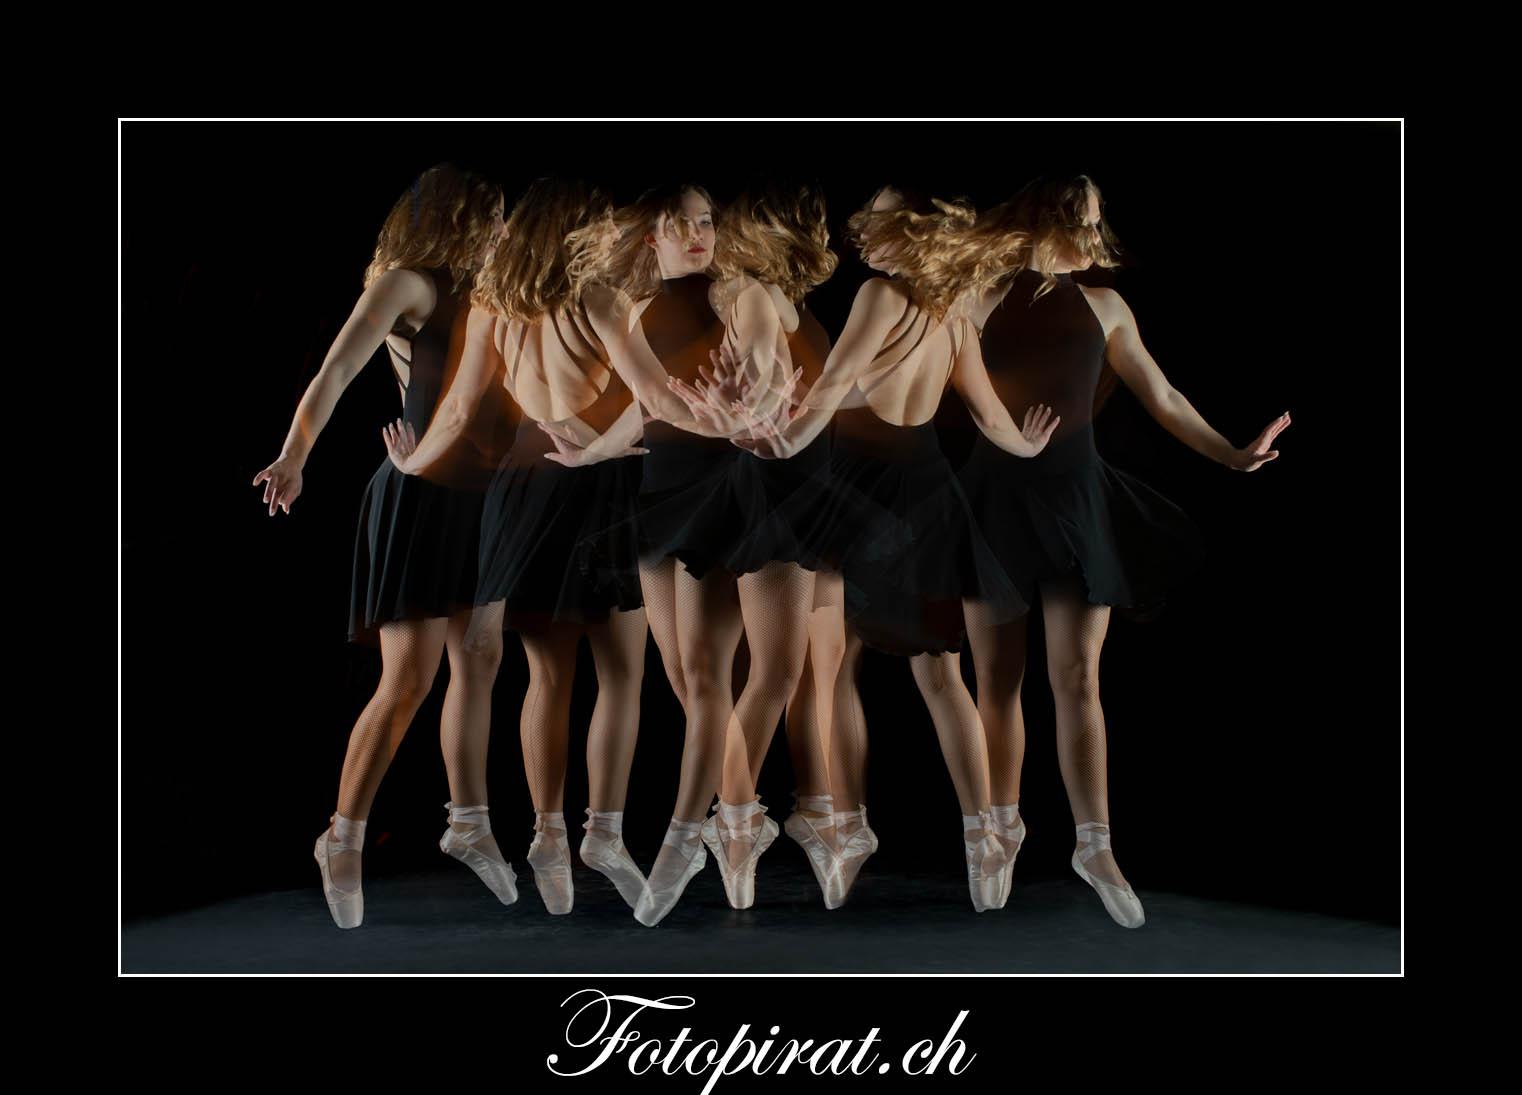 Ballett Fotoshooting; Ballett; Spitzshuhe; Tanz Fotoshooting; Fotoshooting Zürich; Tfp Fotoshooting; Grazie; La Gatita; Salsa; Bachata Sensual; Balerina